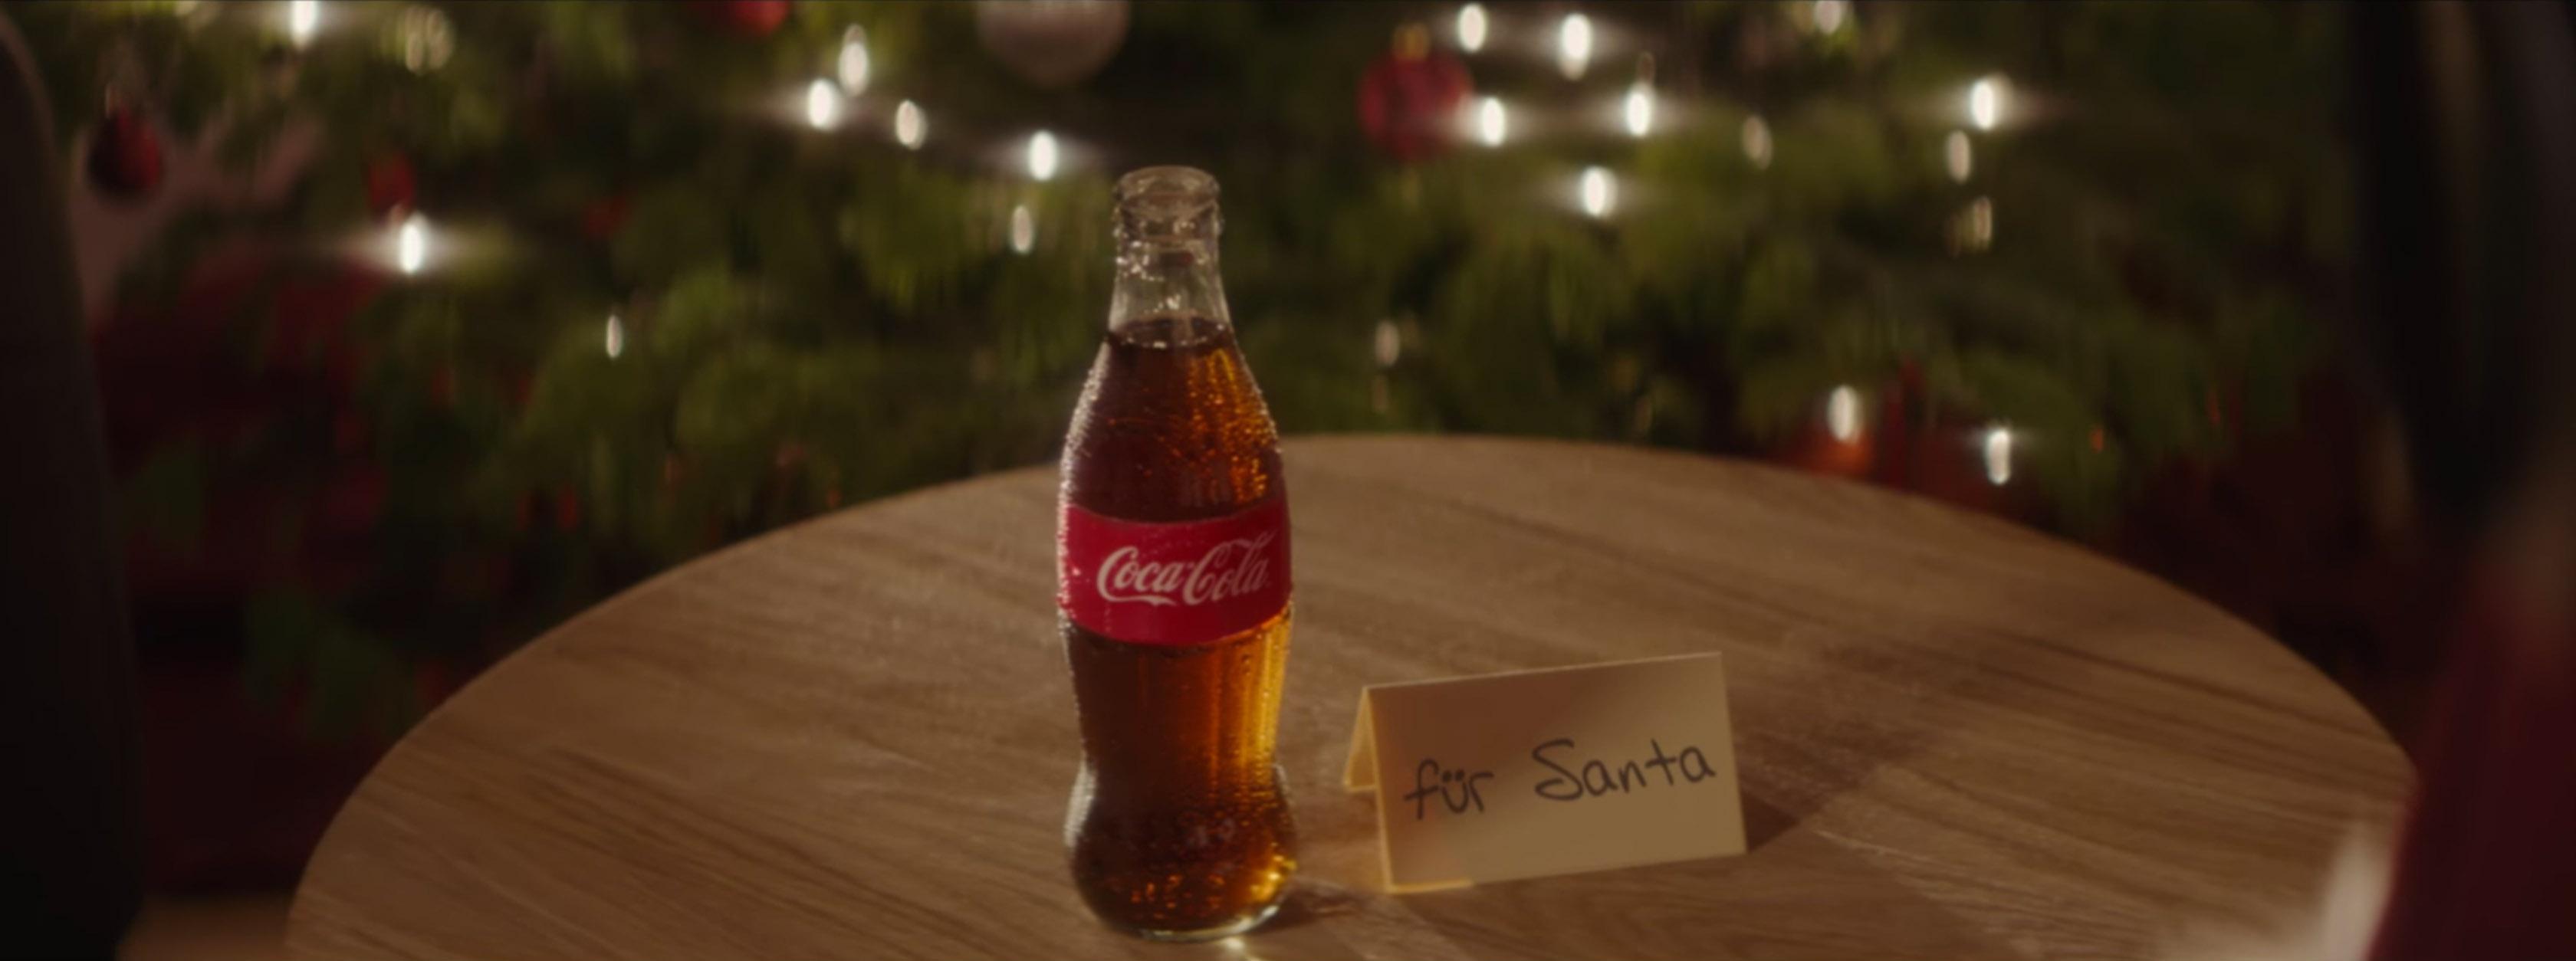 coca cola werbung zu weihnachten 2016 tv werbung. Black Bedroom Furniture Sets. Home Design Ideas